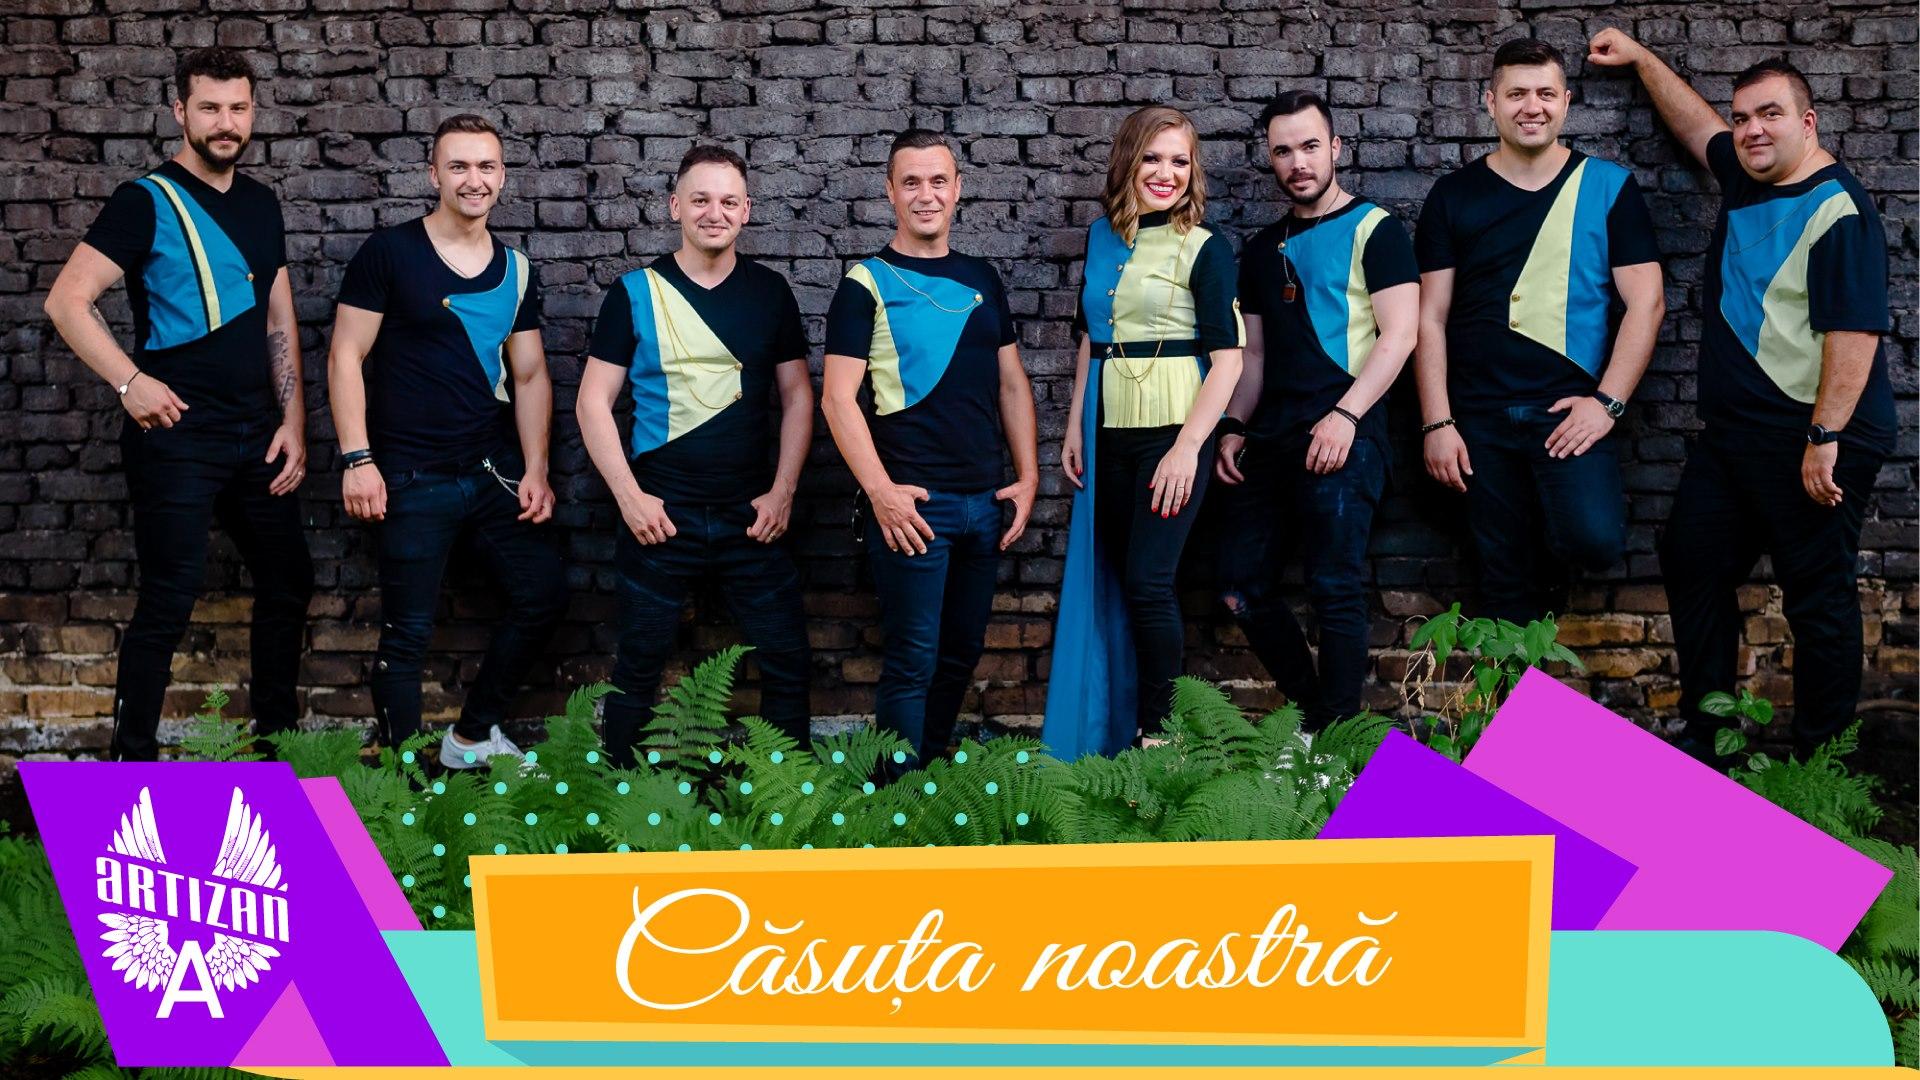 Trupa Artizan – Căsuța noastră – New Single 2019